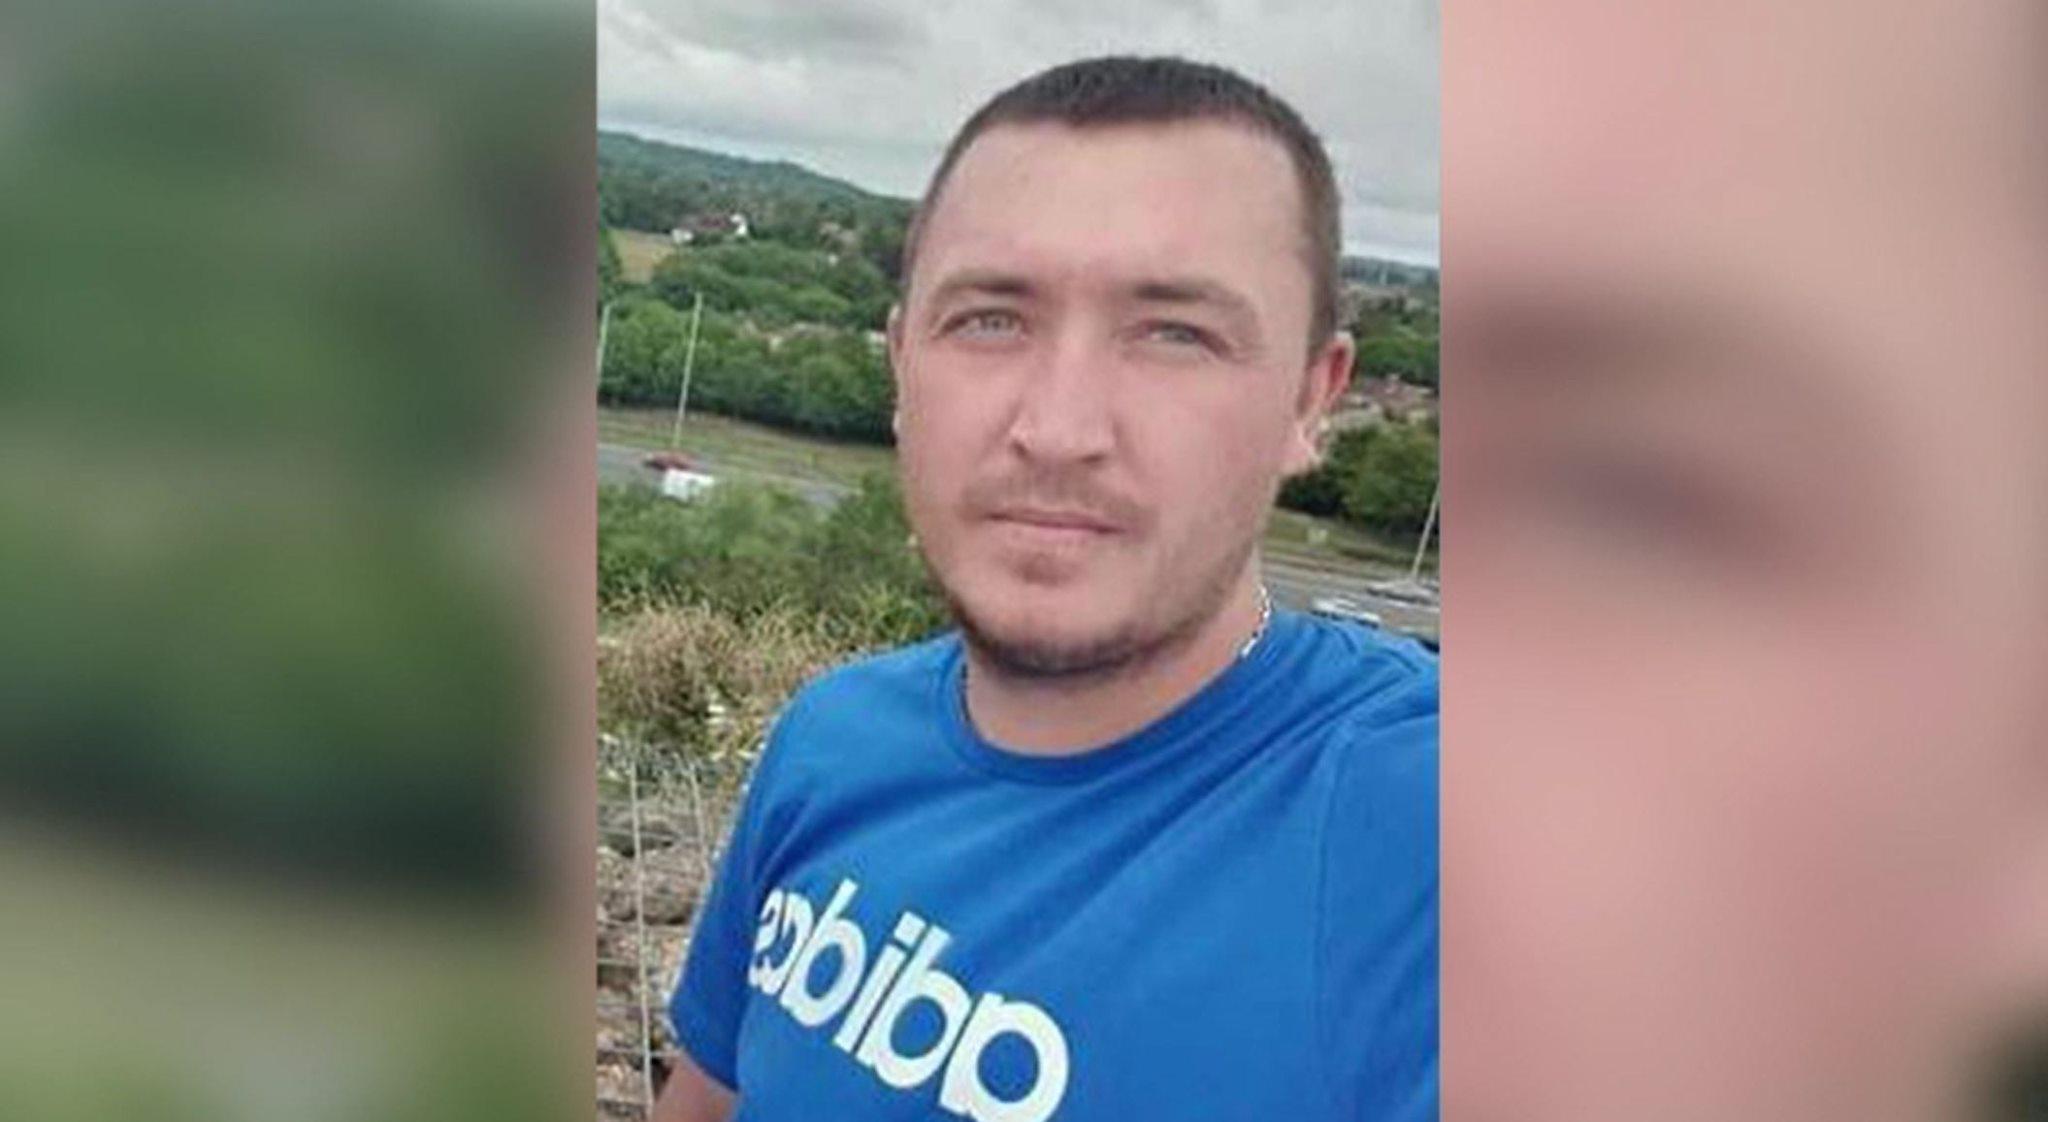 A fost găsit românul de 30 de ani dispărut în Slovacia. Ce s-a întâmplat cu acesta